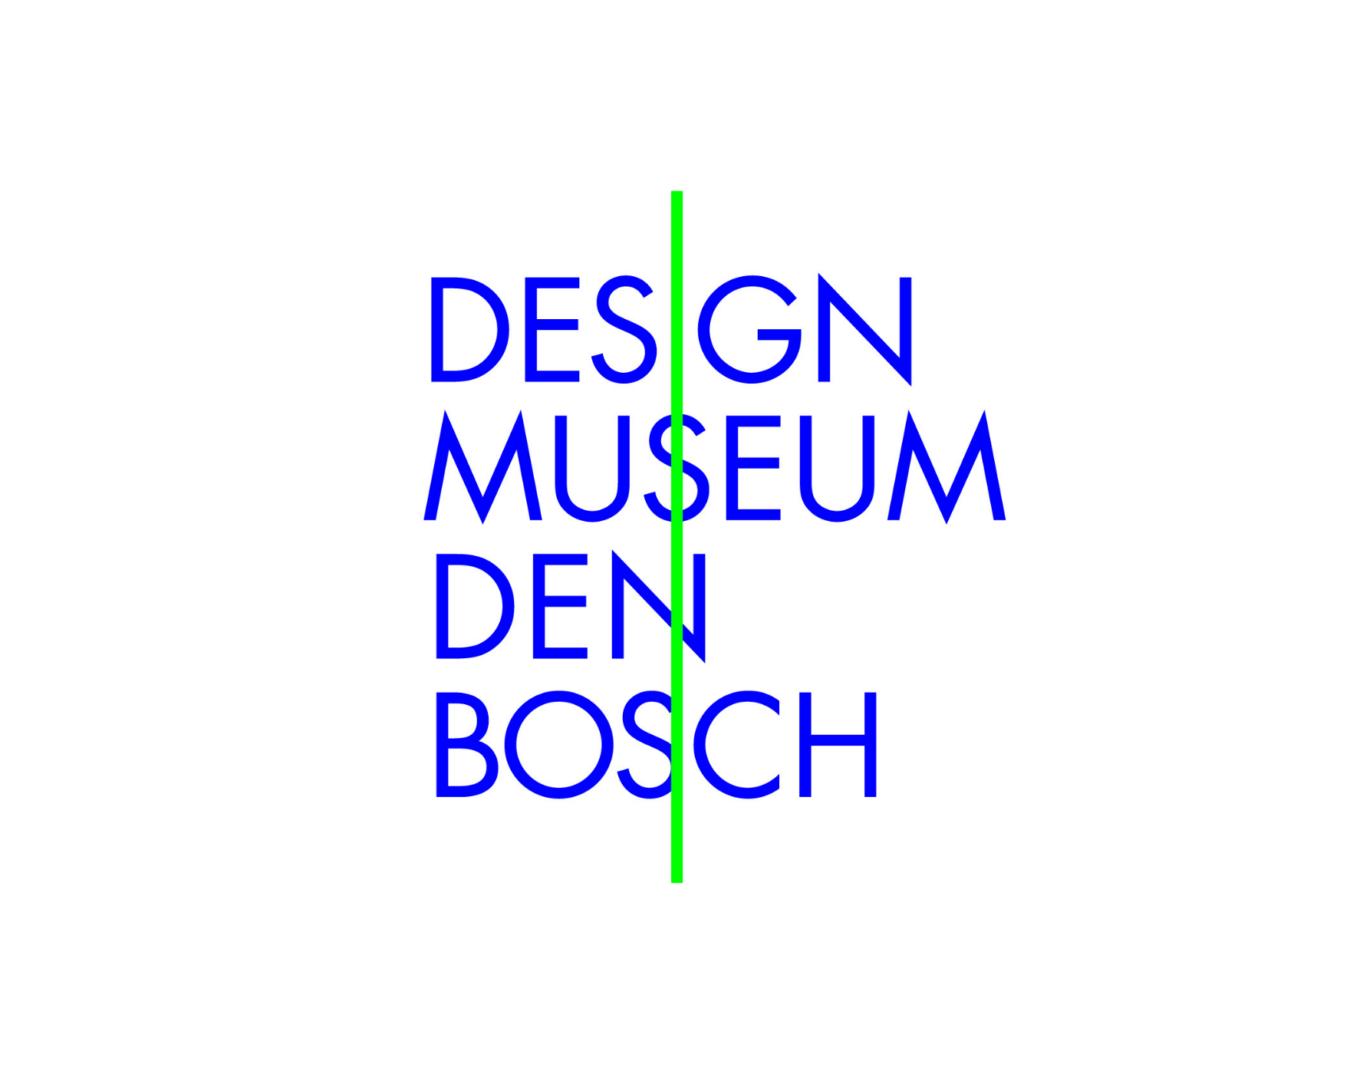 Design Museum Den Bosch logo